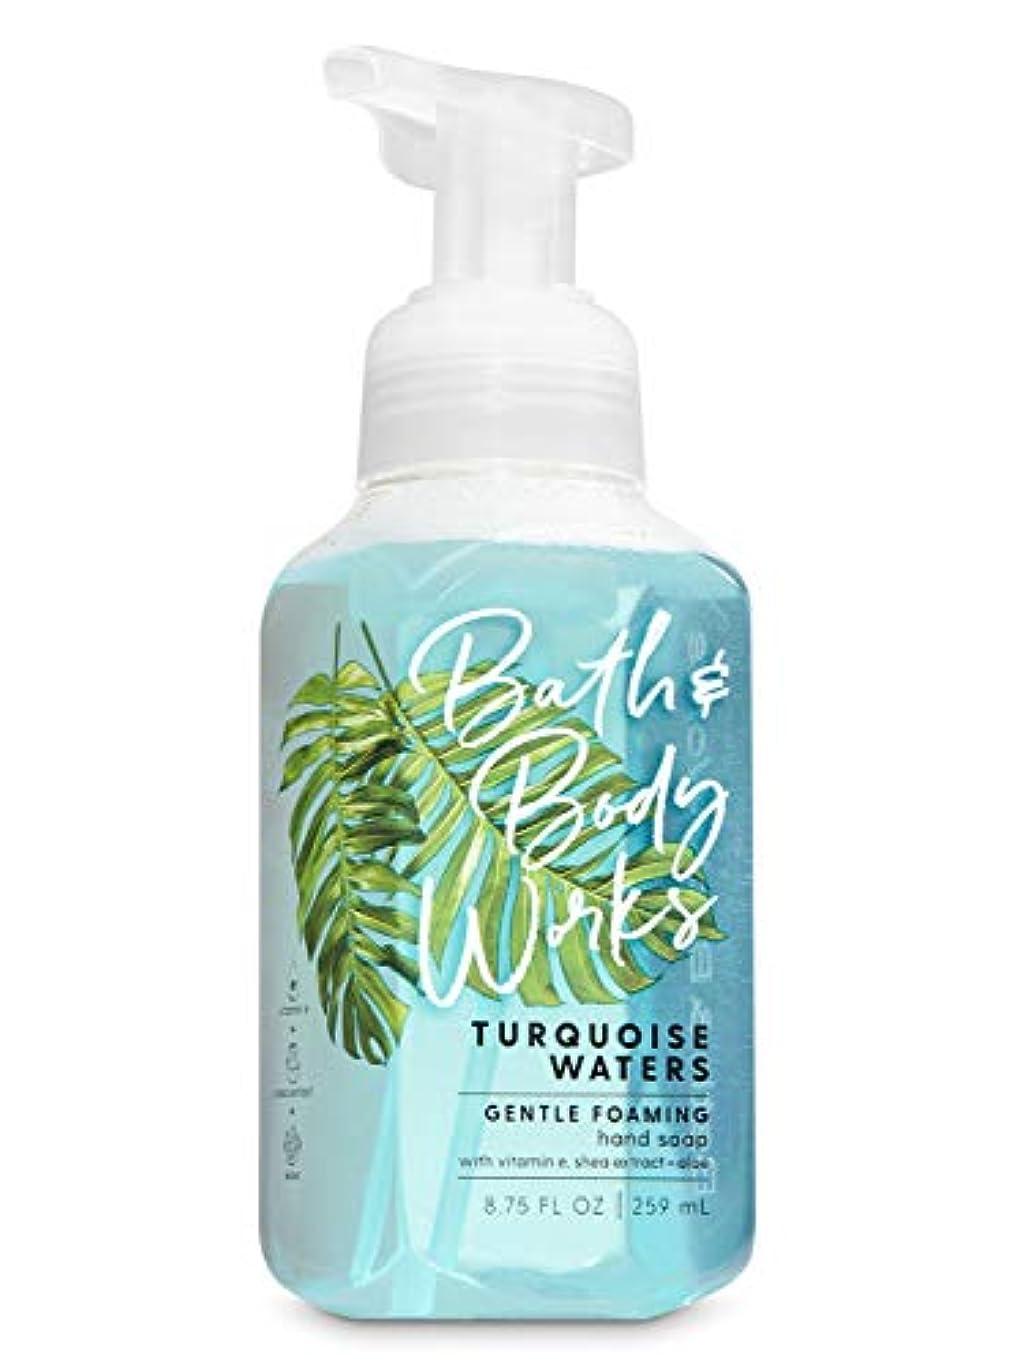 口頭マラソン絶望的なバス&ボディワークス ターコイズウォーター ジェントル フォーミング ハンドソープ Turquoise Waters Gentle Foaming Hand Soap